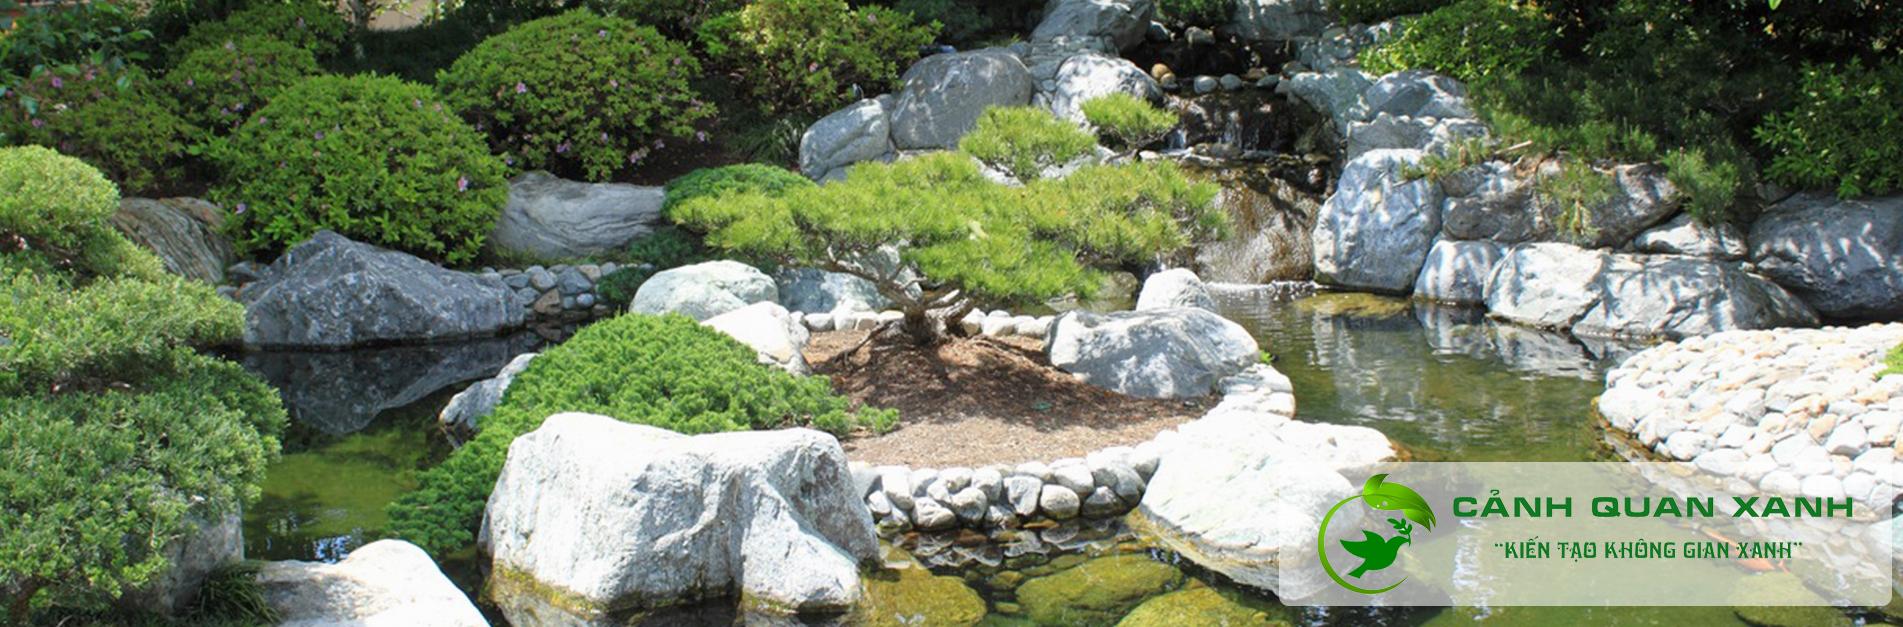 canh-quan-san-vuon-xanh-thi-cong